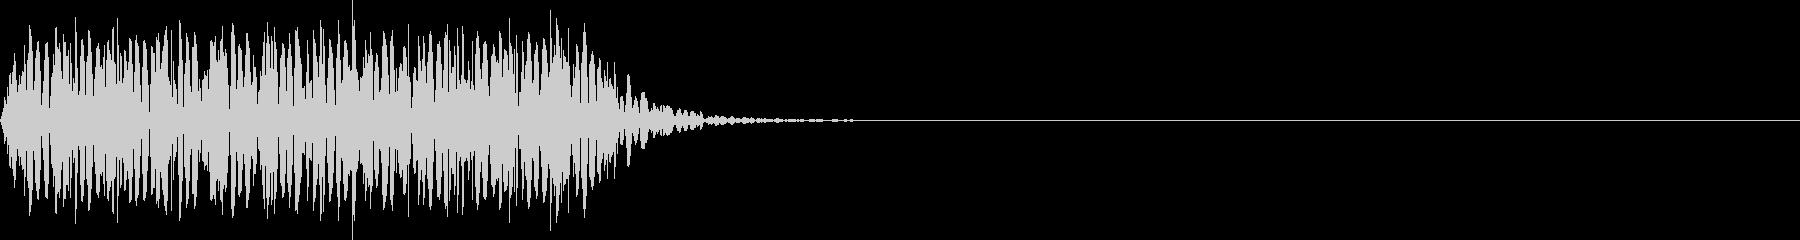 打撃音(低音_ダメージ_鈍い_長い)の未再生の波形